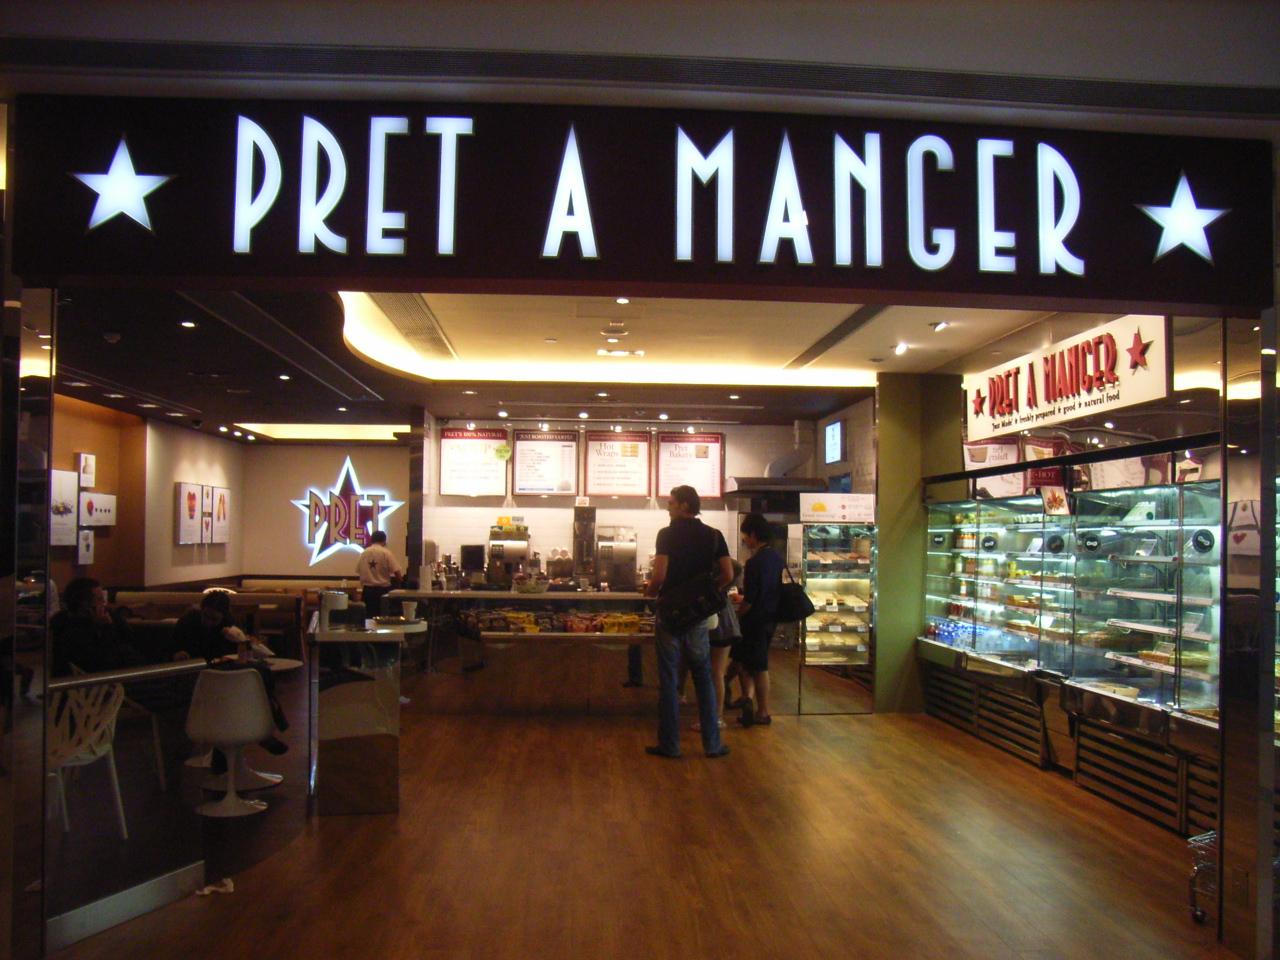 El personal de Pret a Manger recibe una bonificación de £1,000 en la adquisión de la empresa